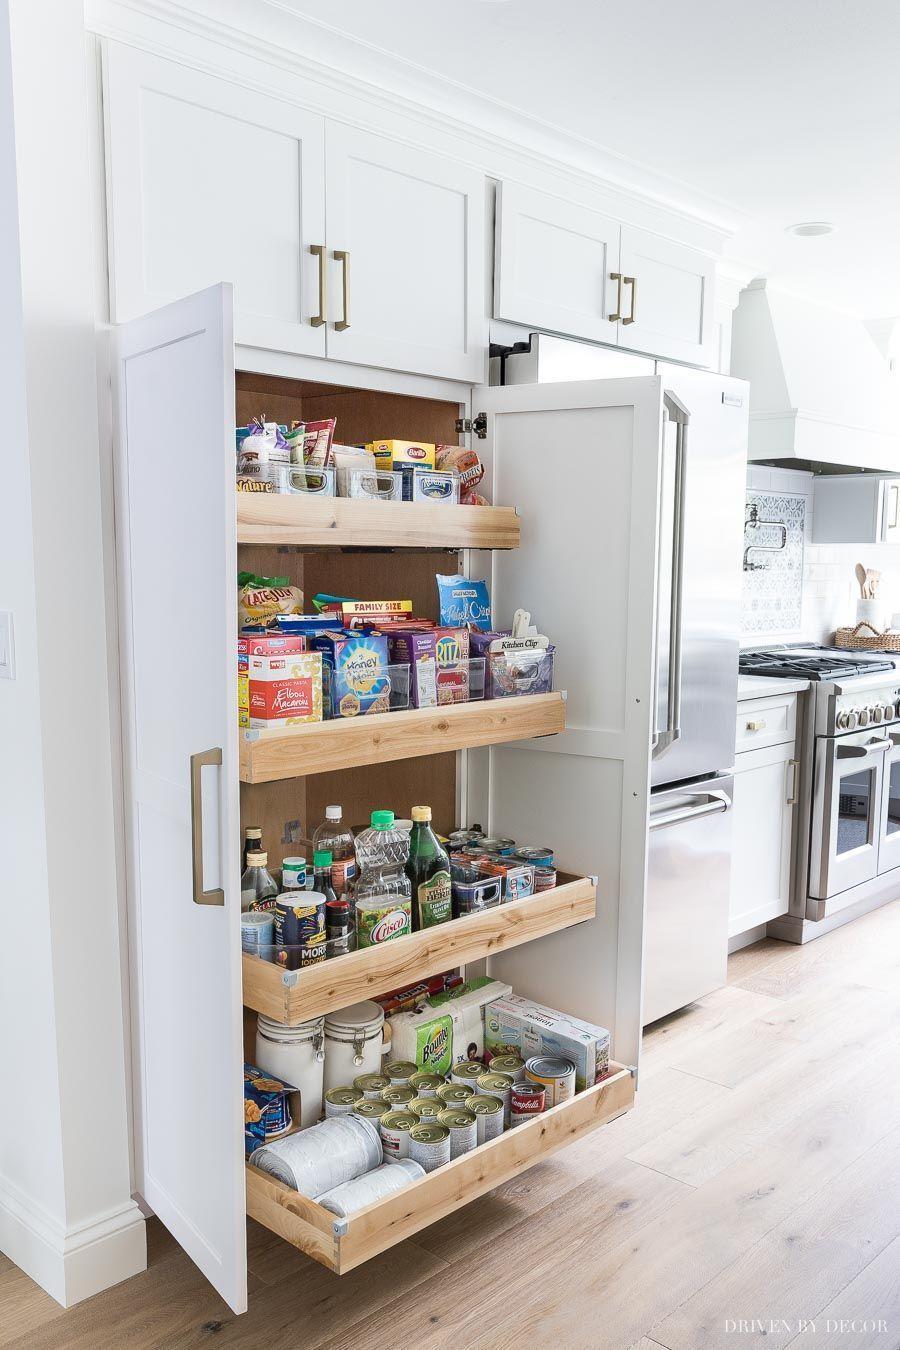 Meine Küche umgestalten enthüllen !! #kitchenremodelideas Eine große Speisekammer war ein Mus...